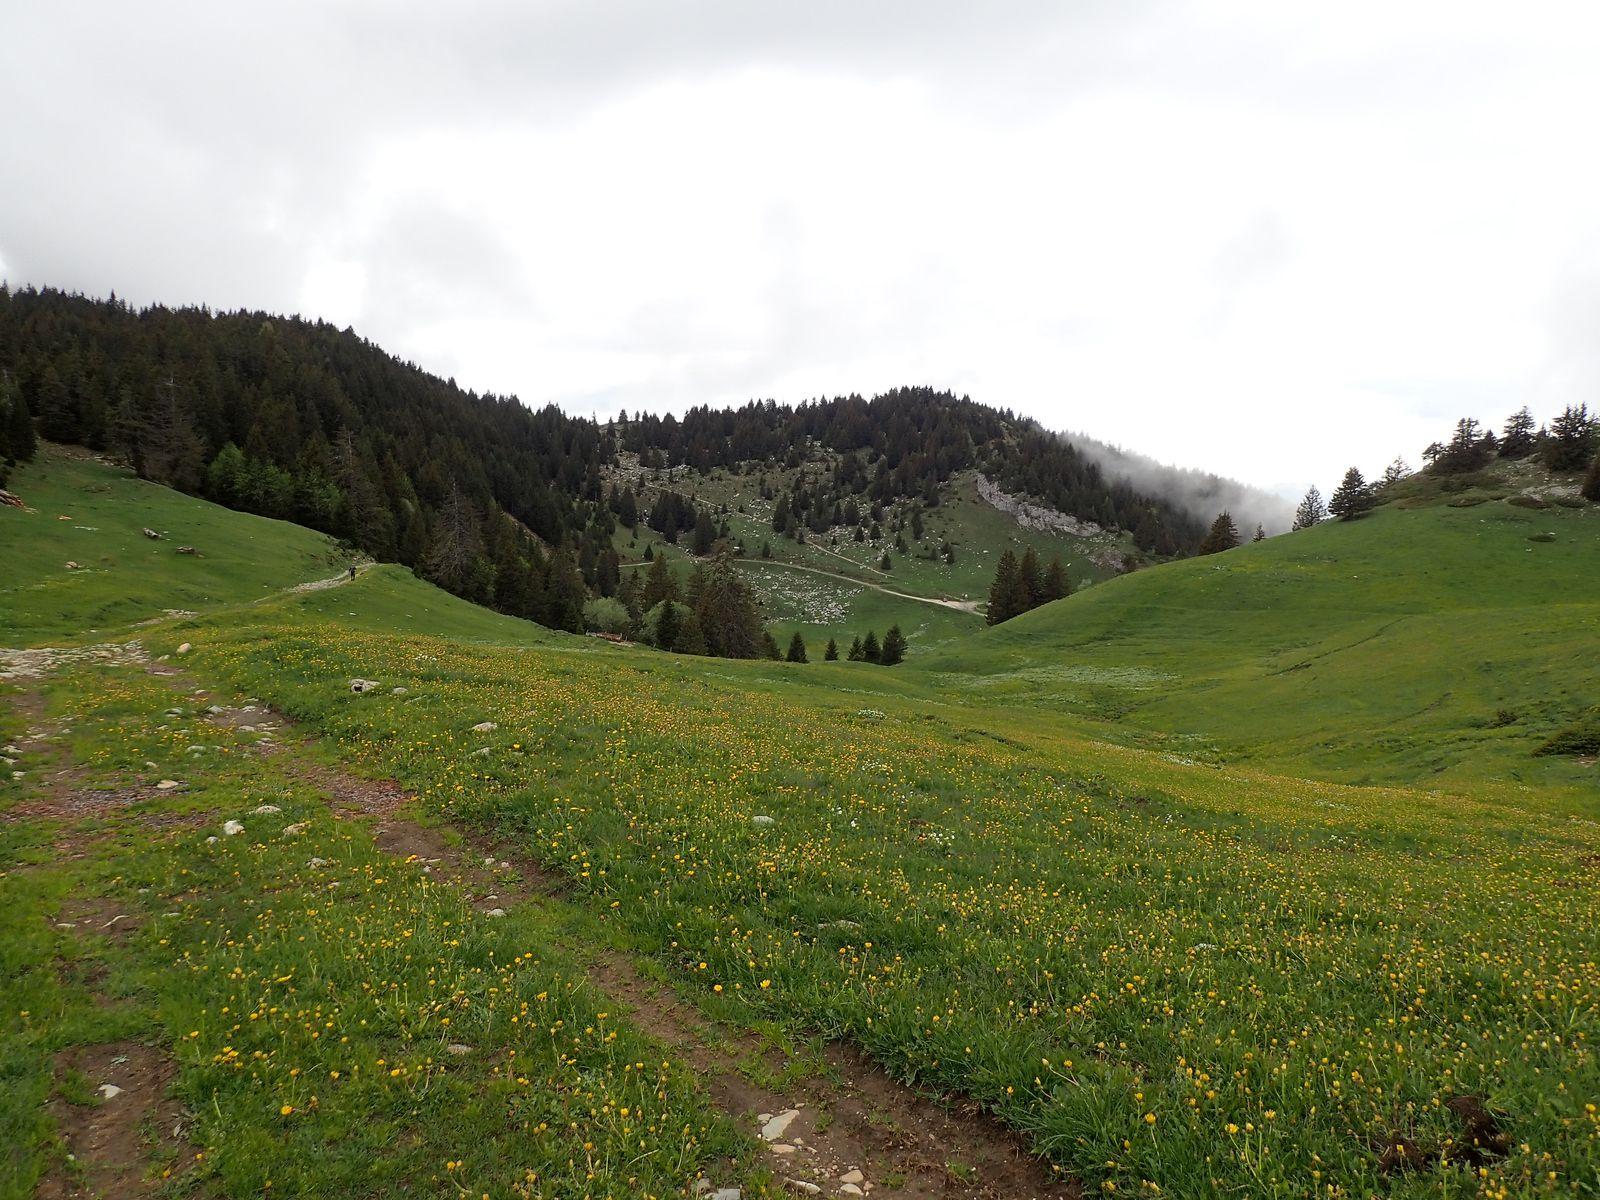 La Tête du Parmelan : Boucle Bois brûlé > Plateau > Grotte de l'Enfer 3/3